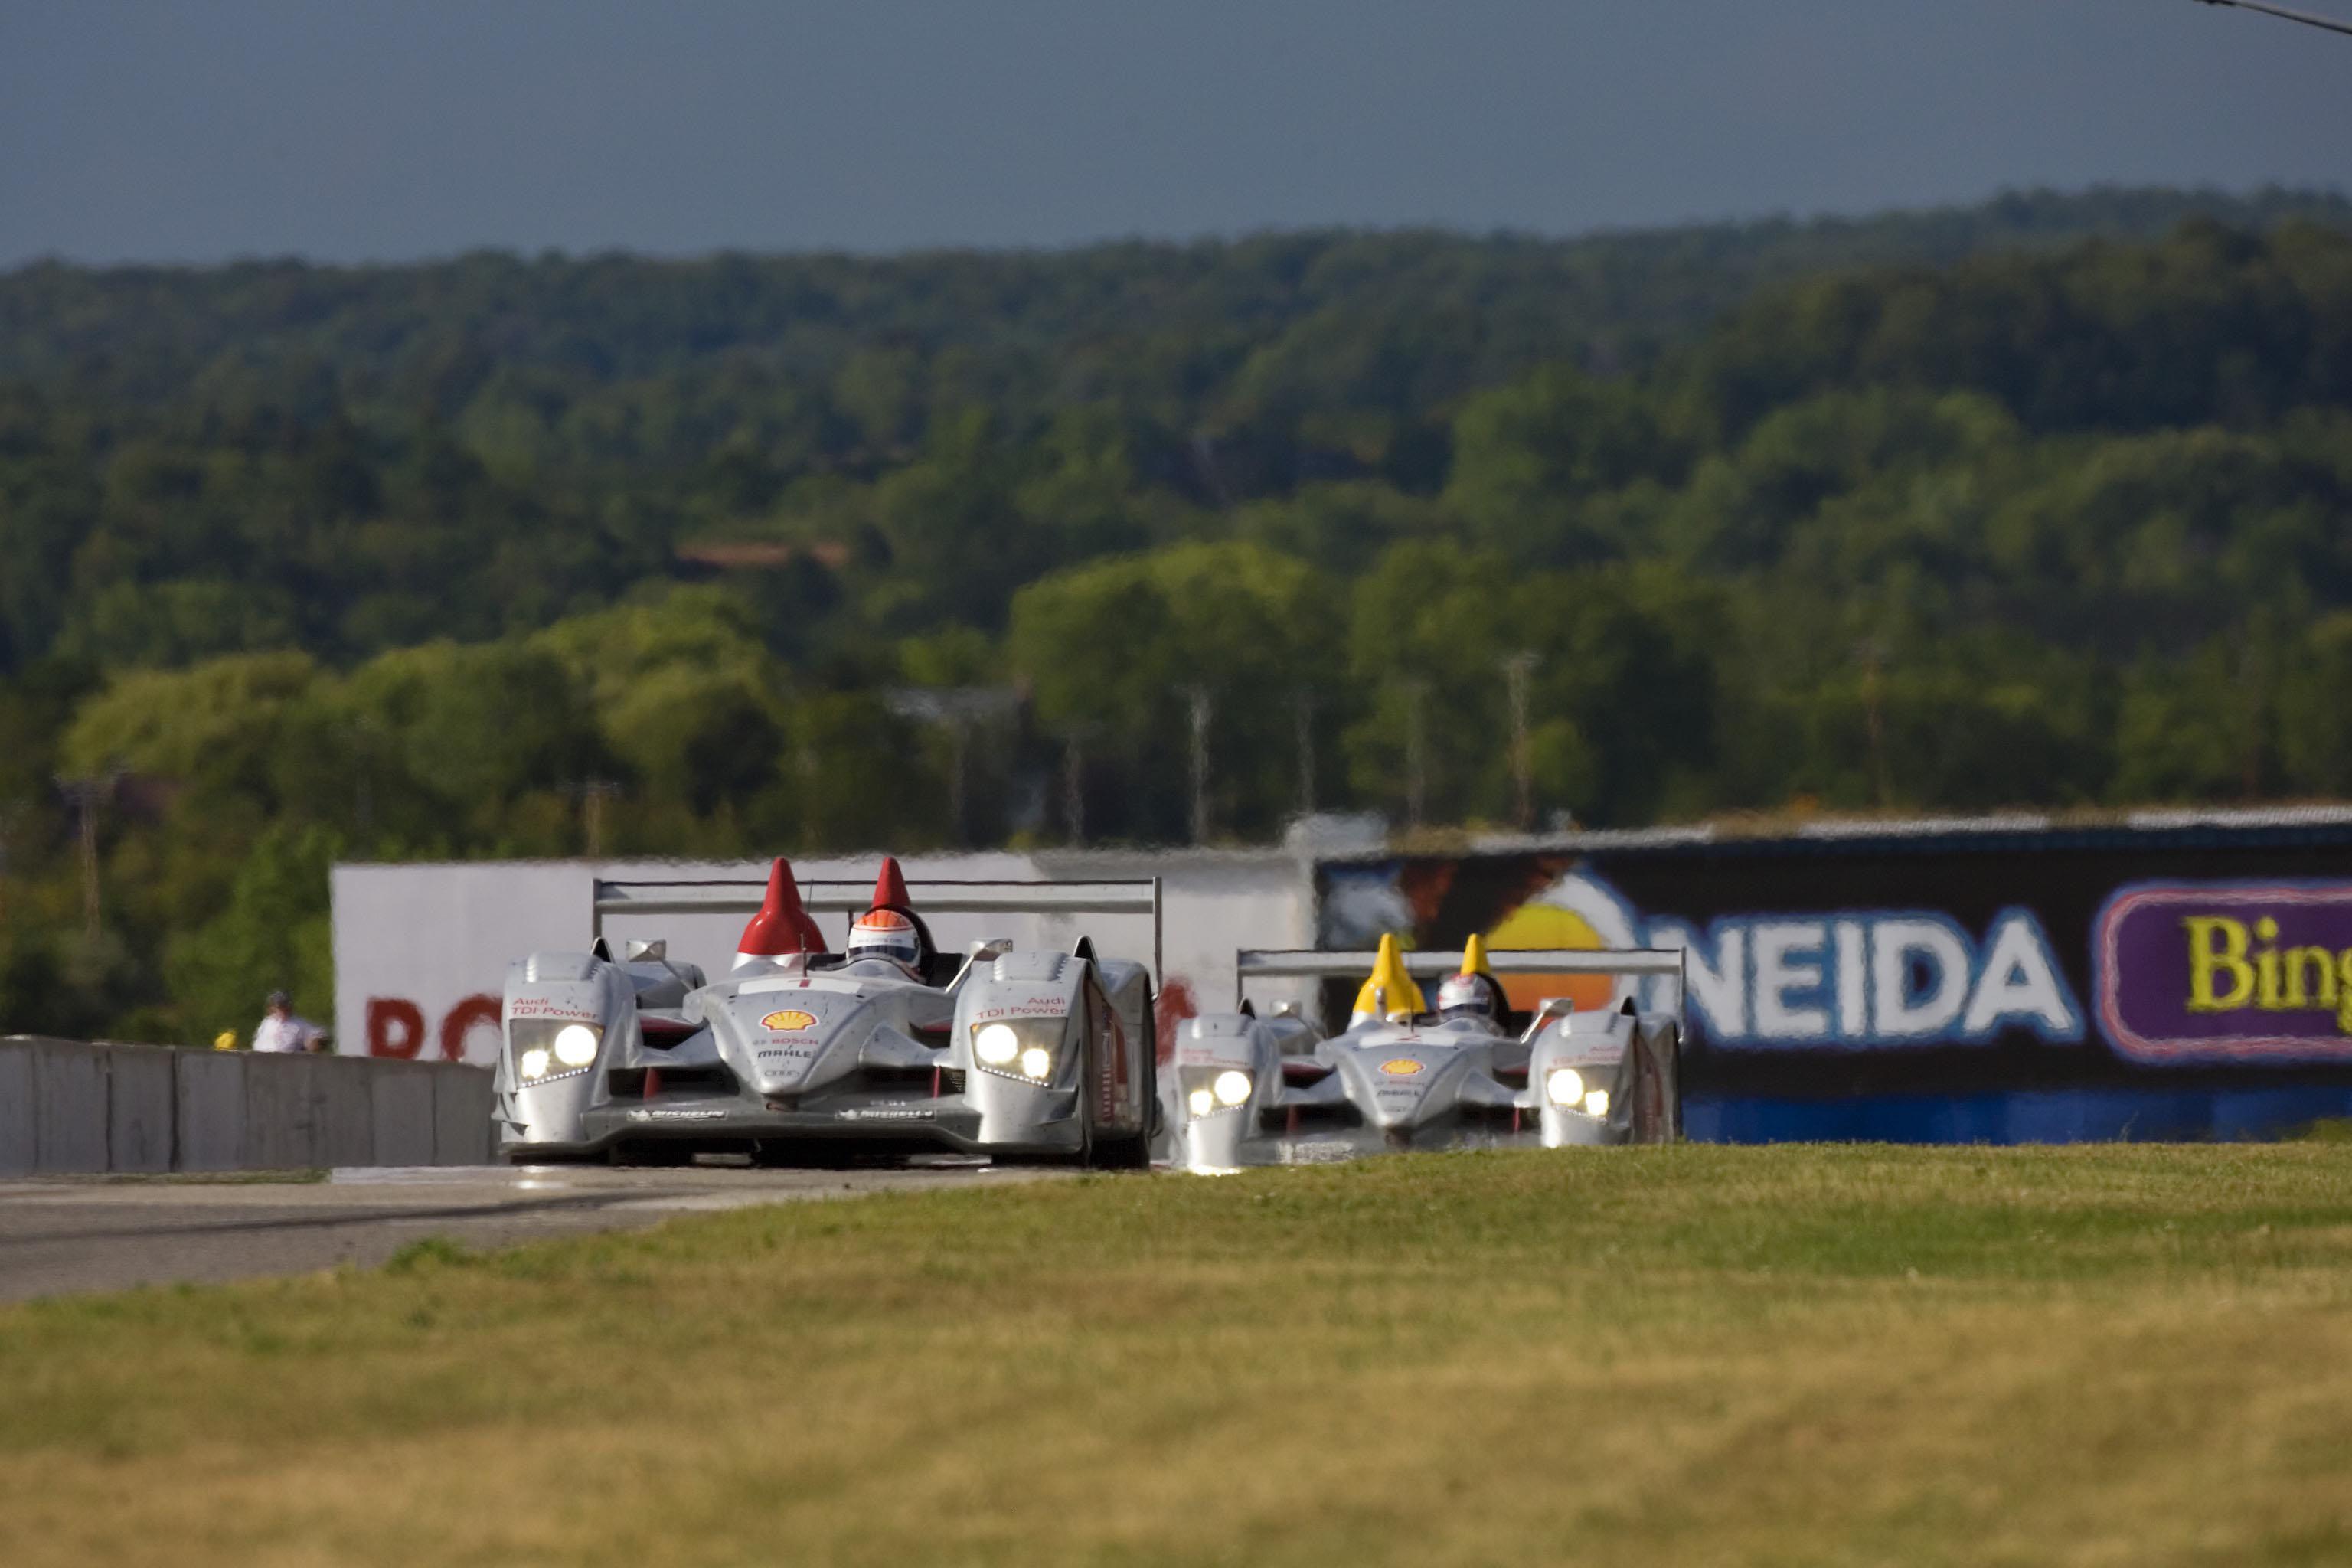 lksdesign camaro display and new gt2 corvette racecar at road